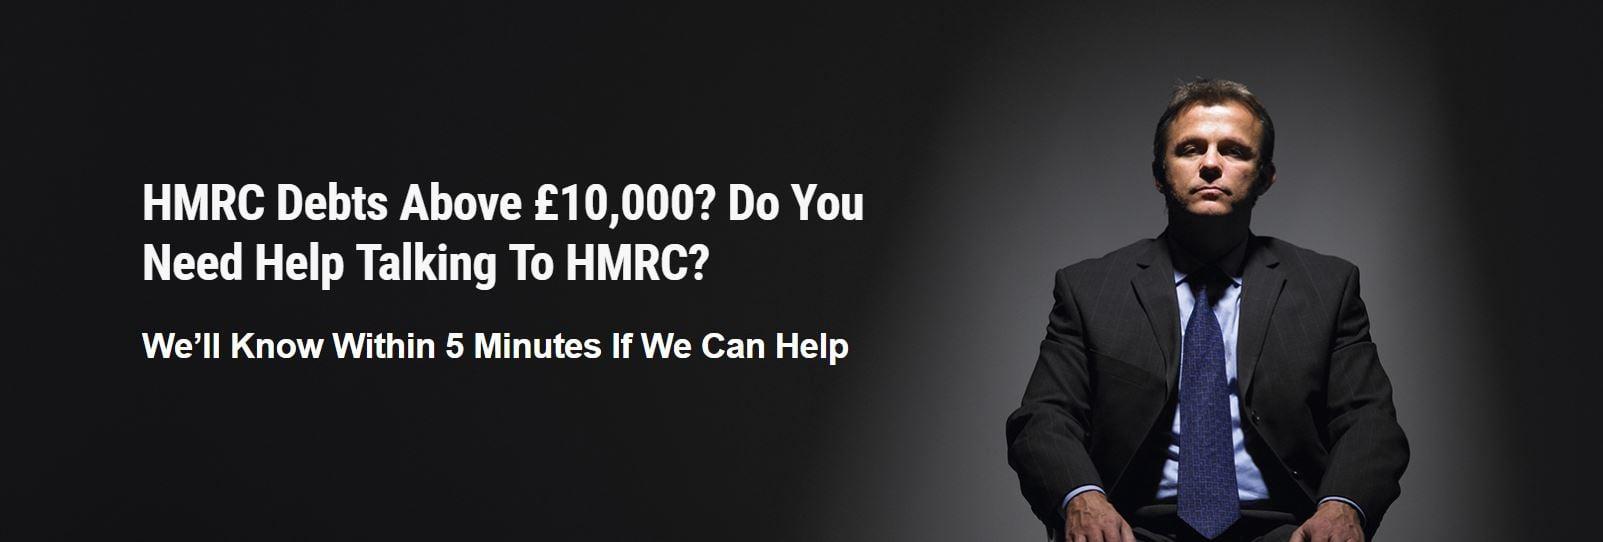 hmrc debt help.jpg